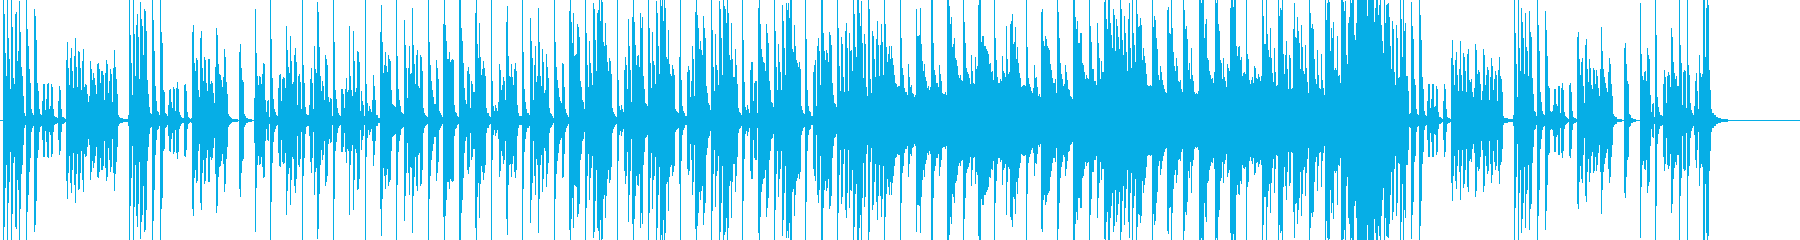 渋い演歌風の曲の再生済みの波形